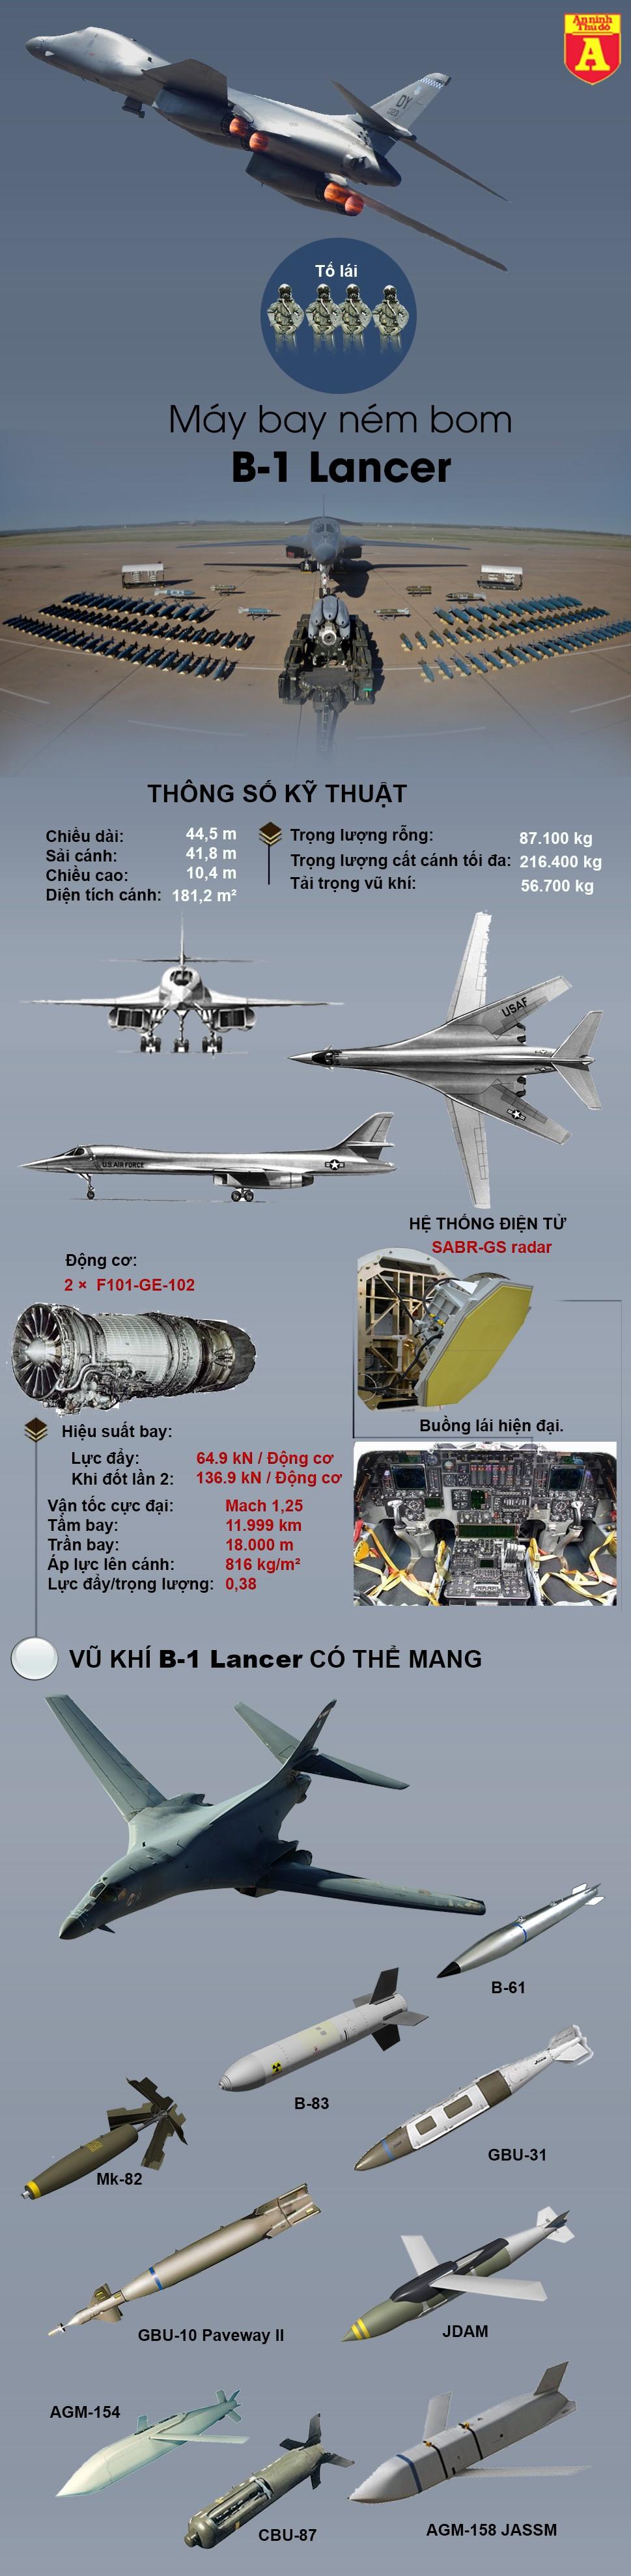 """[Info] Bất ngờ """"pháo đài bay"""" Mỹ có khả năng mang bom vượt trội """"Thiên nga"""" Tu-160 Nga ảnh 2"""